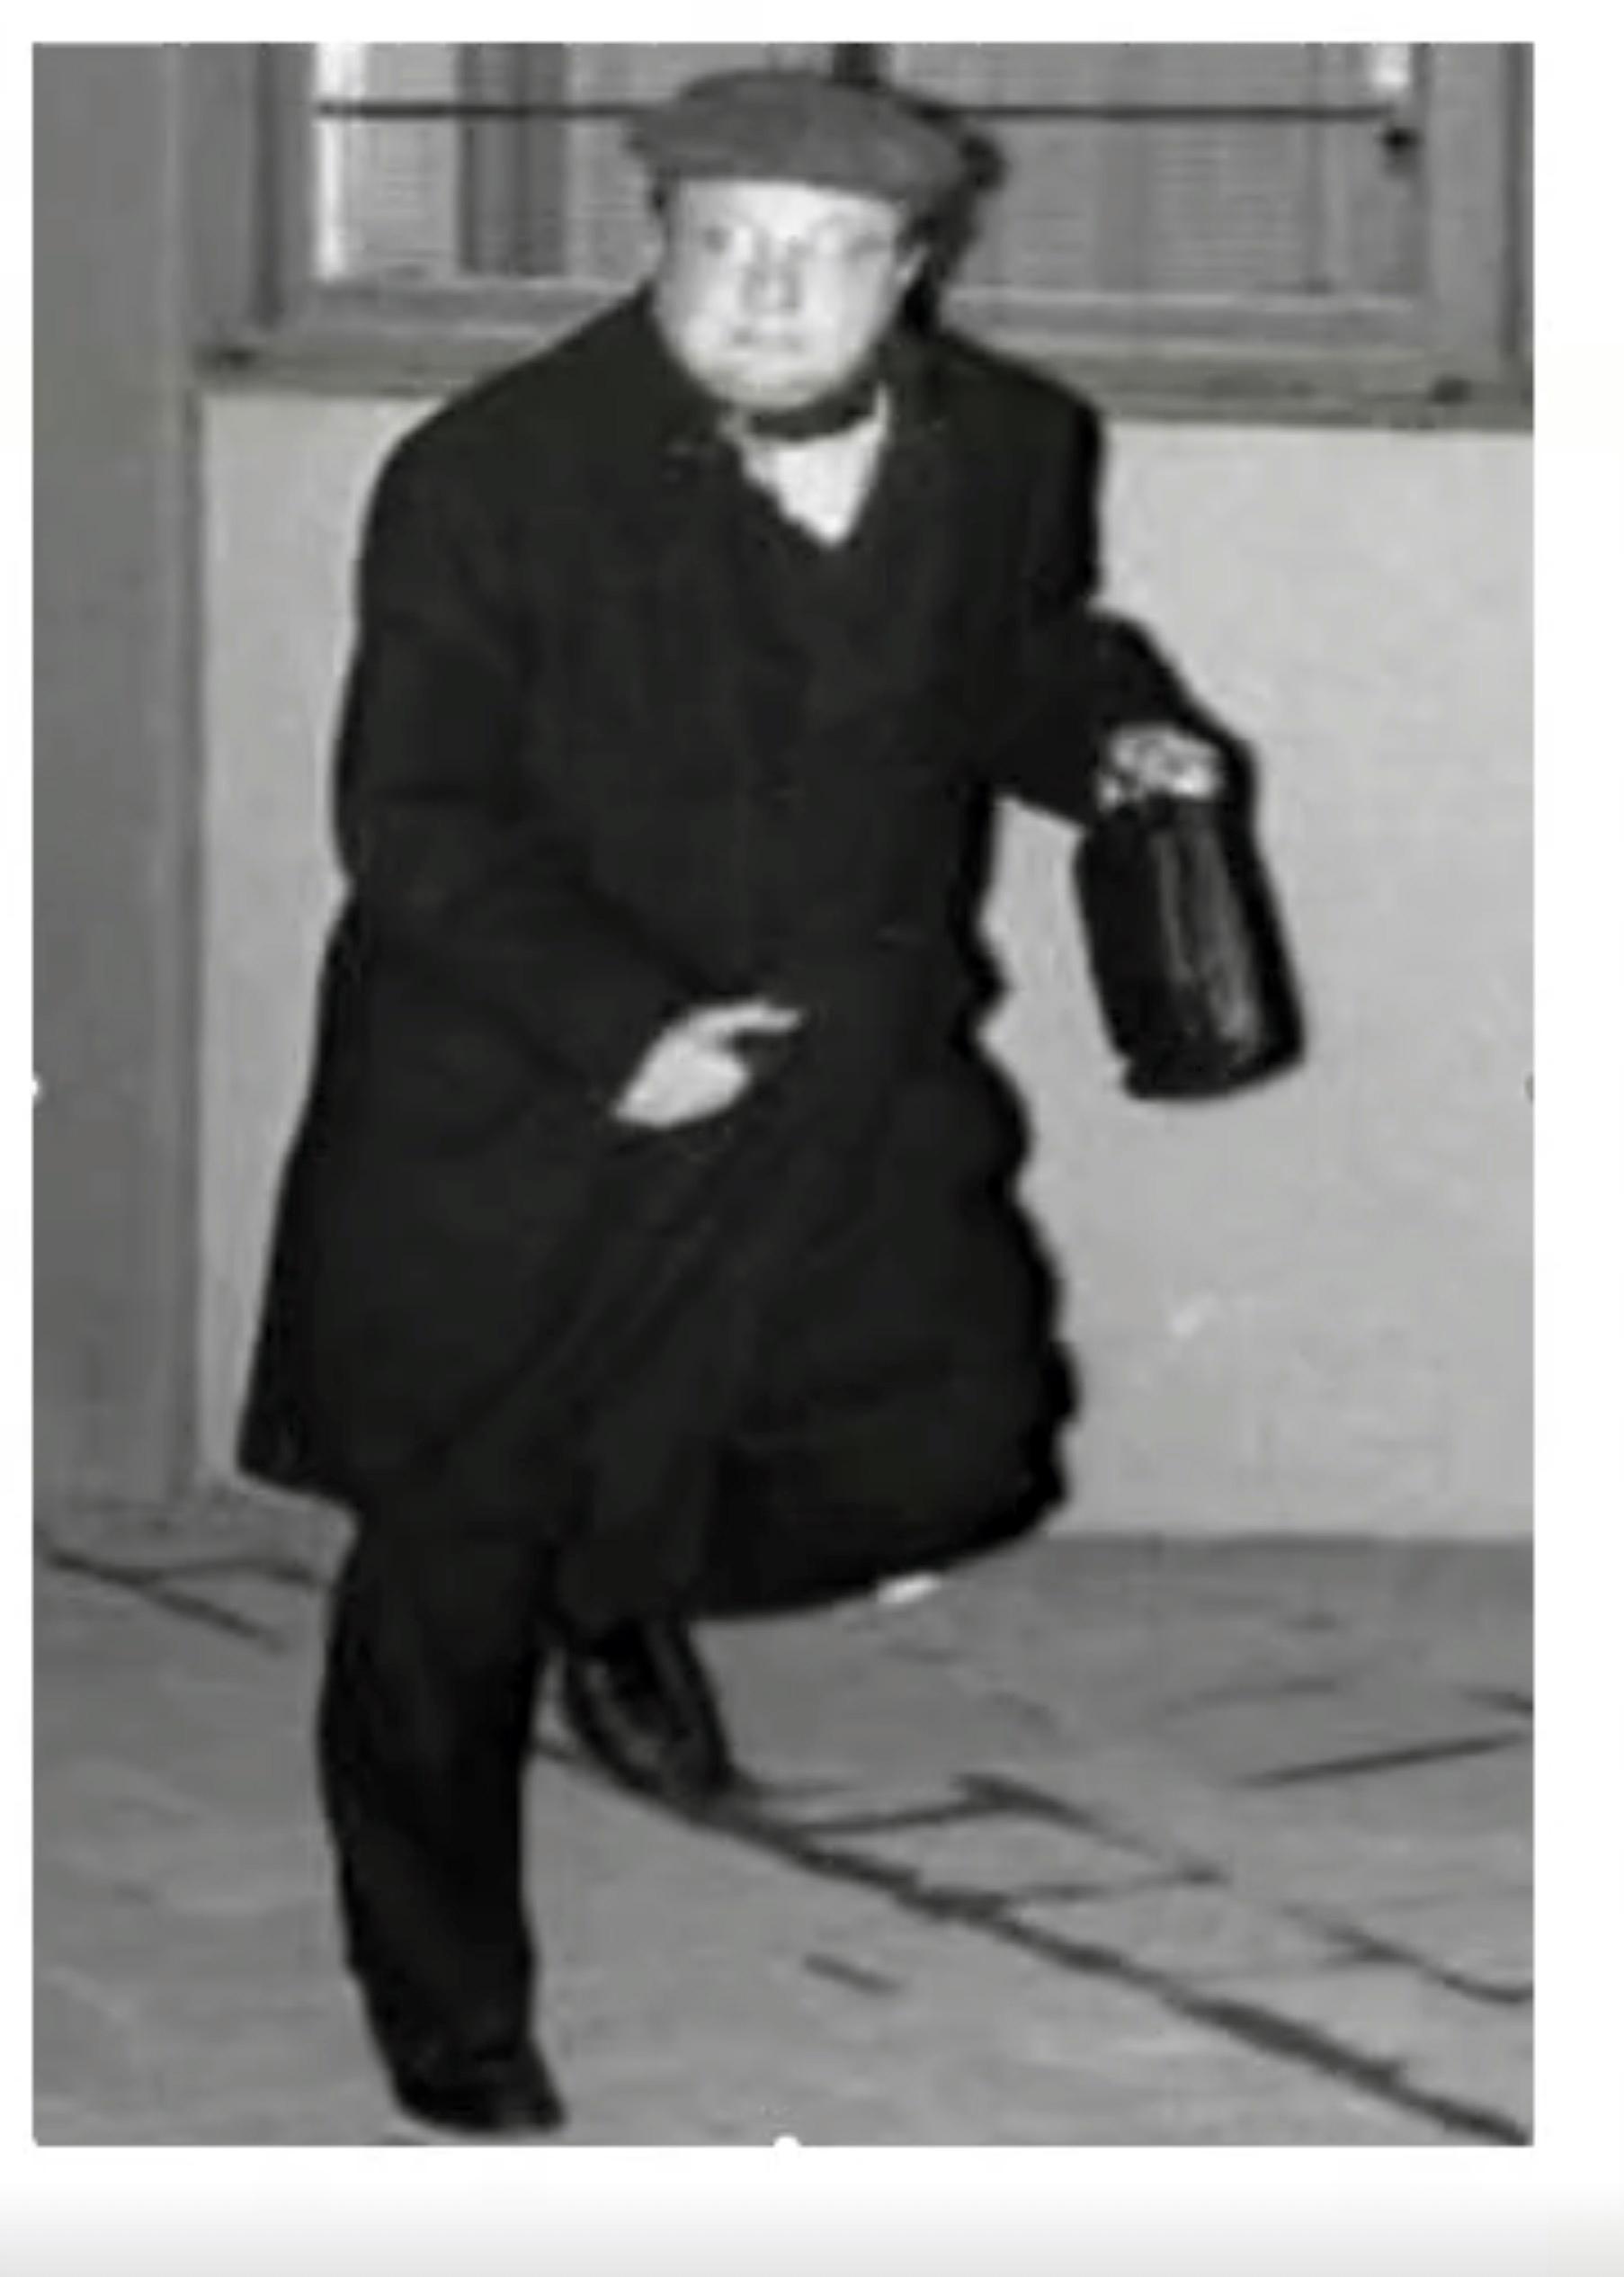 Bild på Engström iklädd de kläder han själv sagt att han bar på mordnatten. Ur Palmeutredningen.